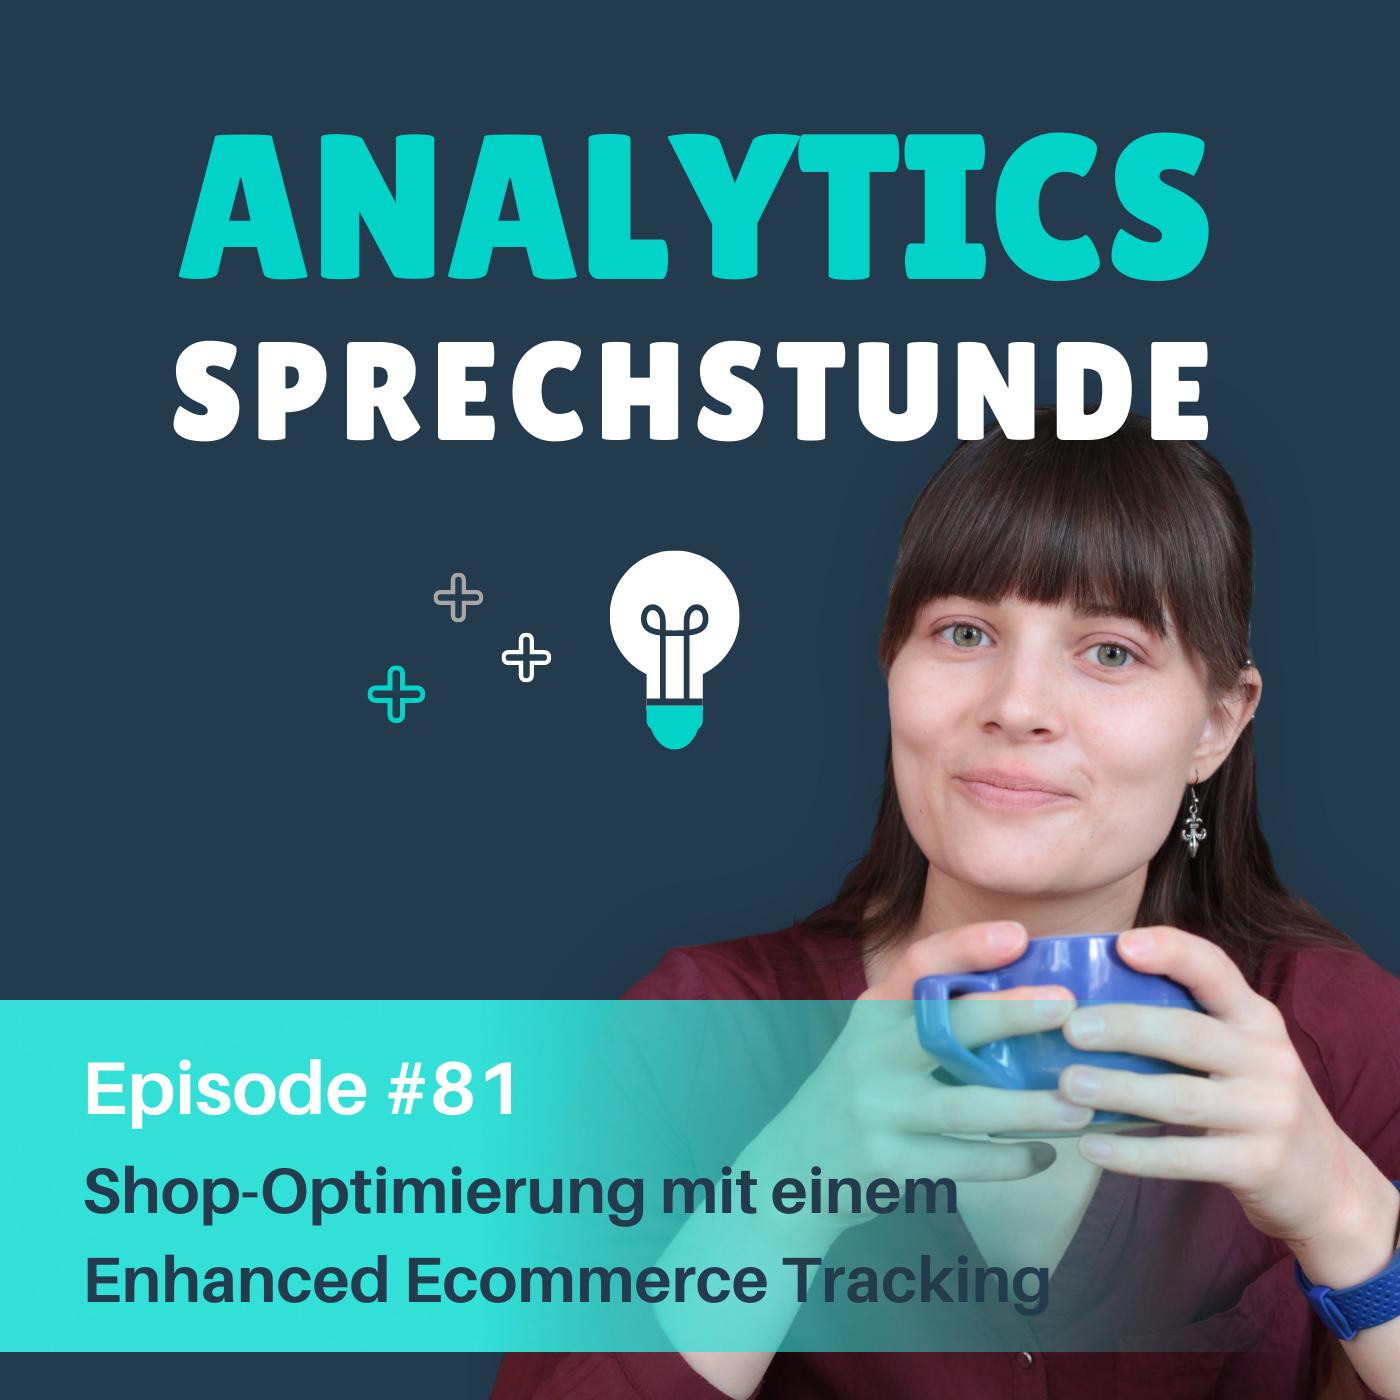 81 Shop-Optimierung mit einem Enhanced Ecommerce Tracking